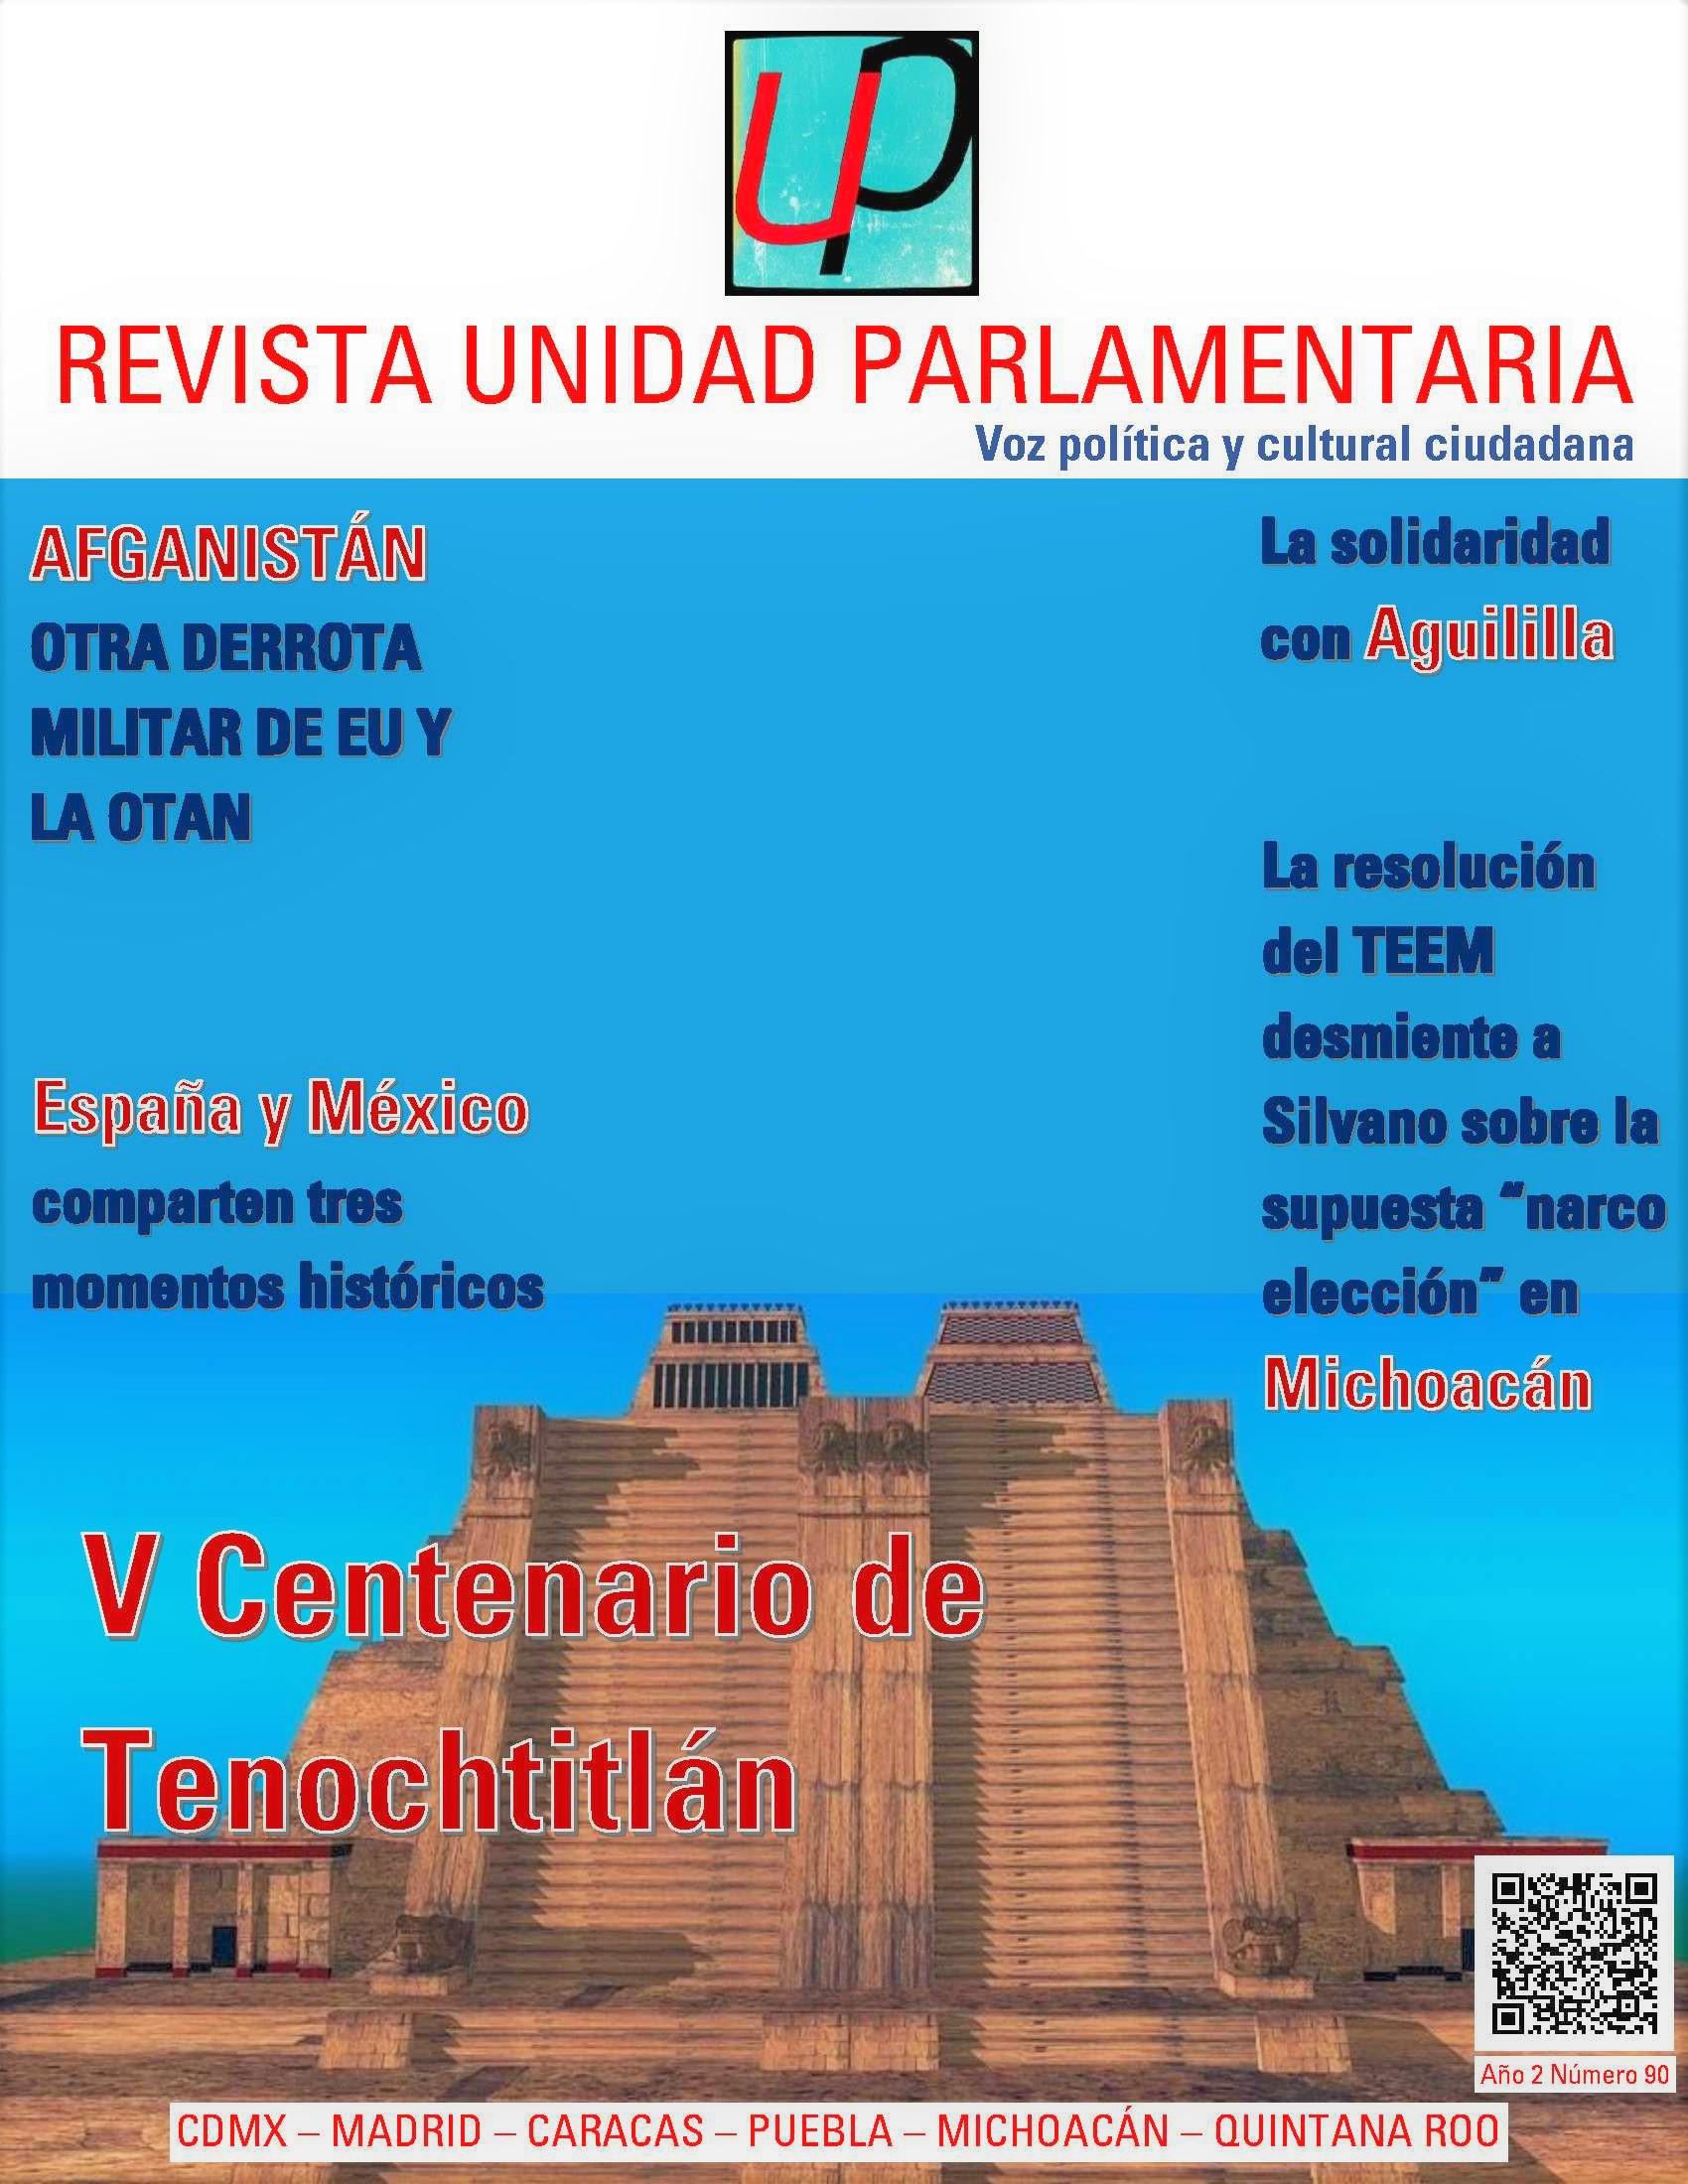 Revista Unidad Parlamentaria 90